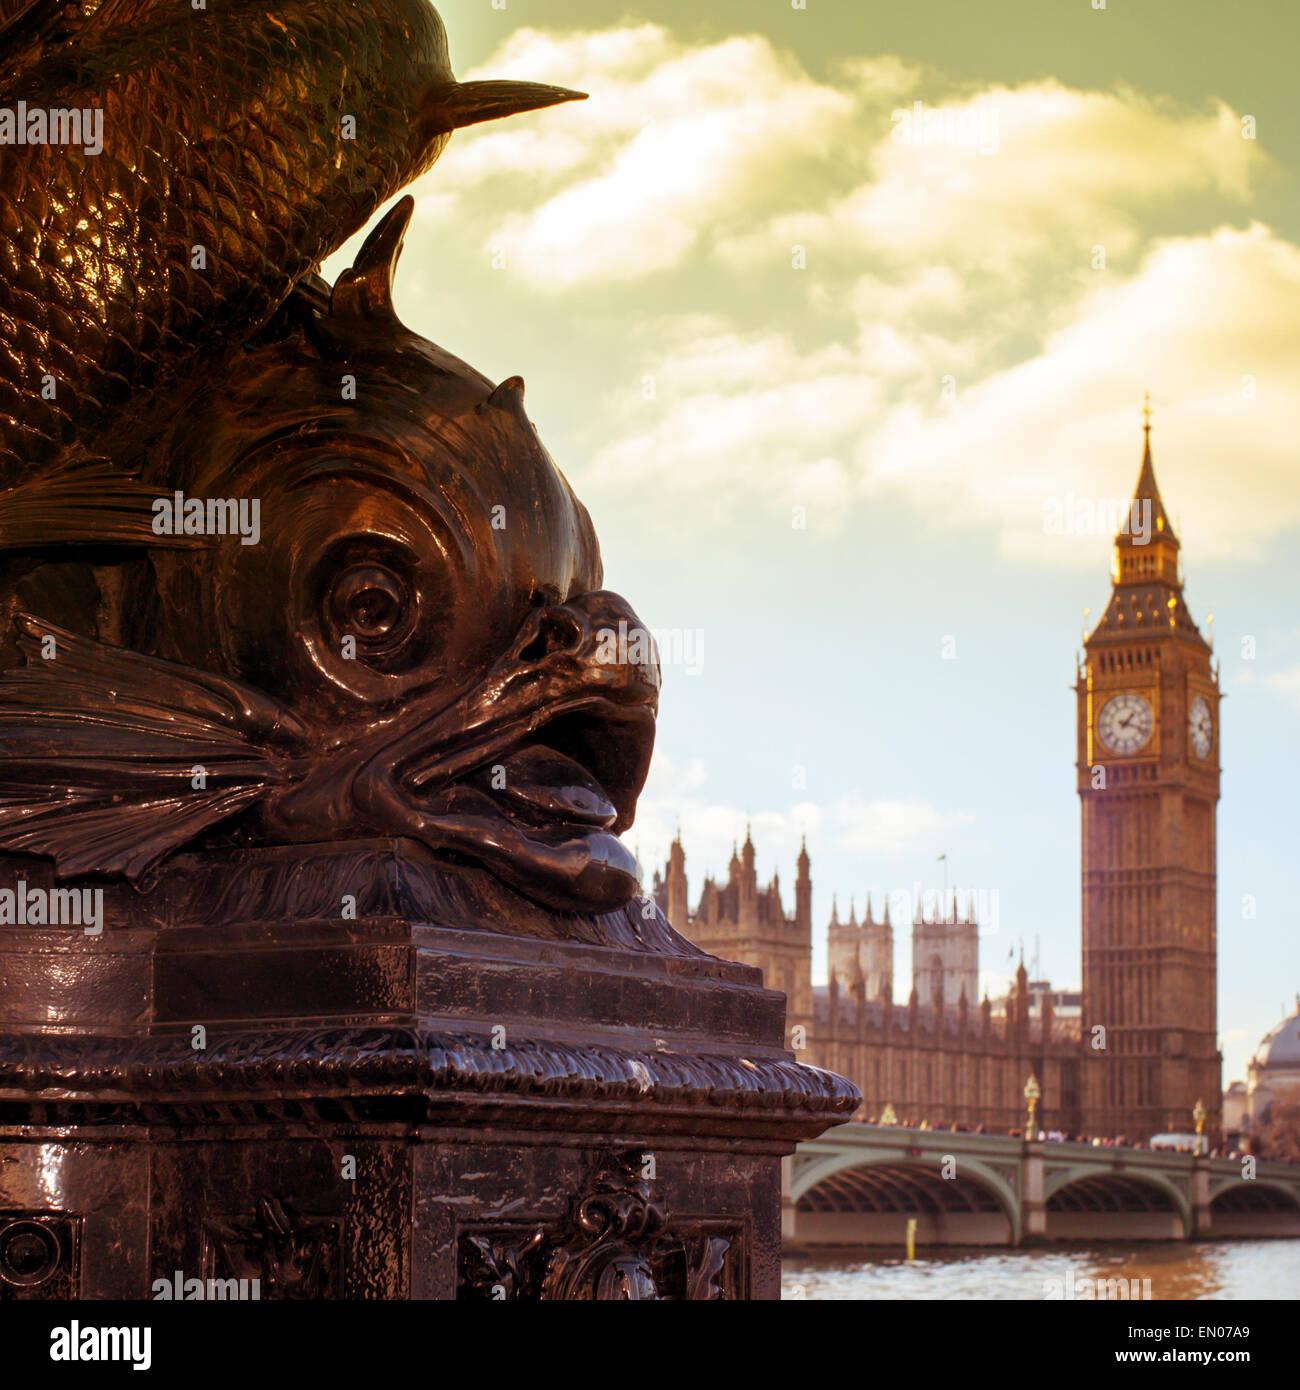 Una vista del río Támesis y el puente de Westminster, con el Big Ben de fondo, con un efecto de filtro Foto de stock